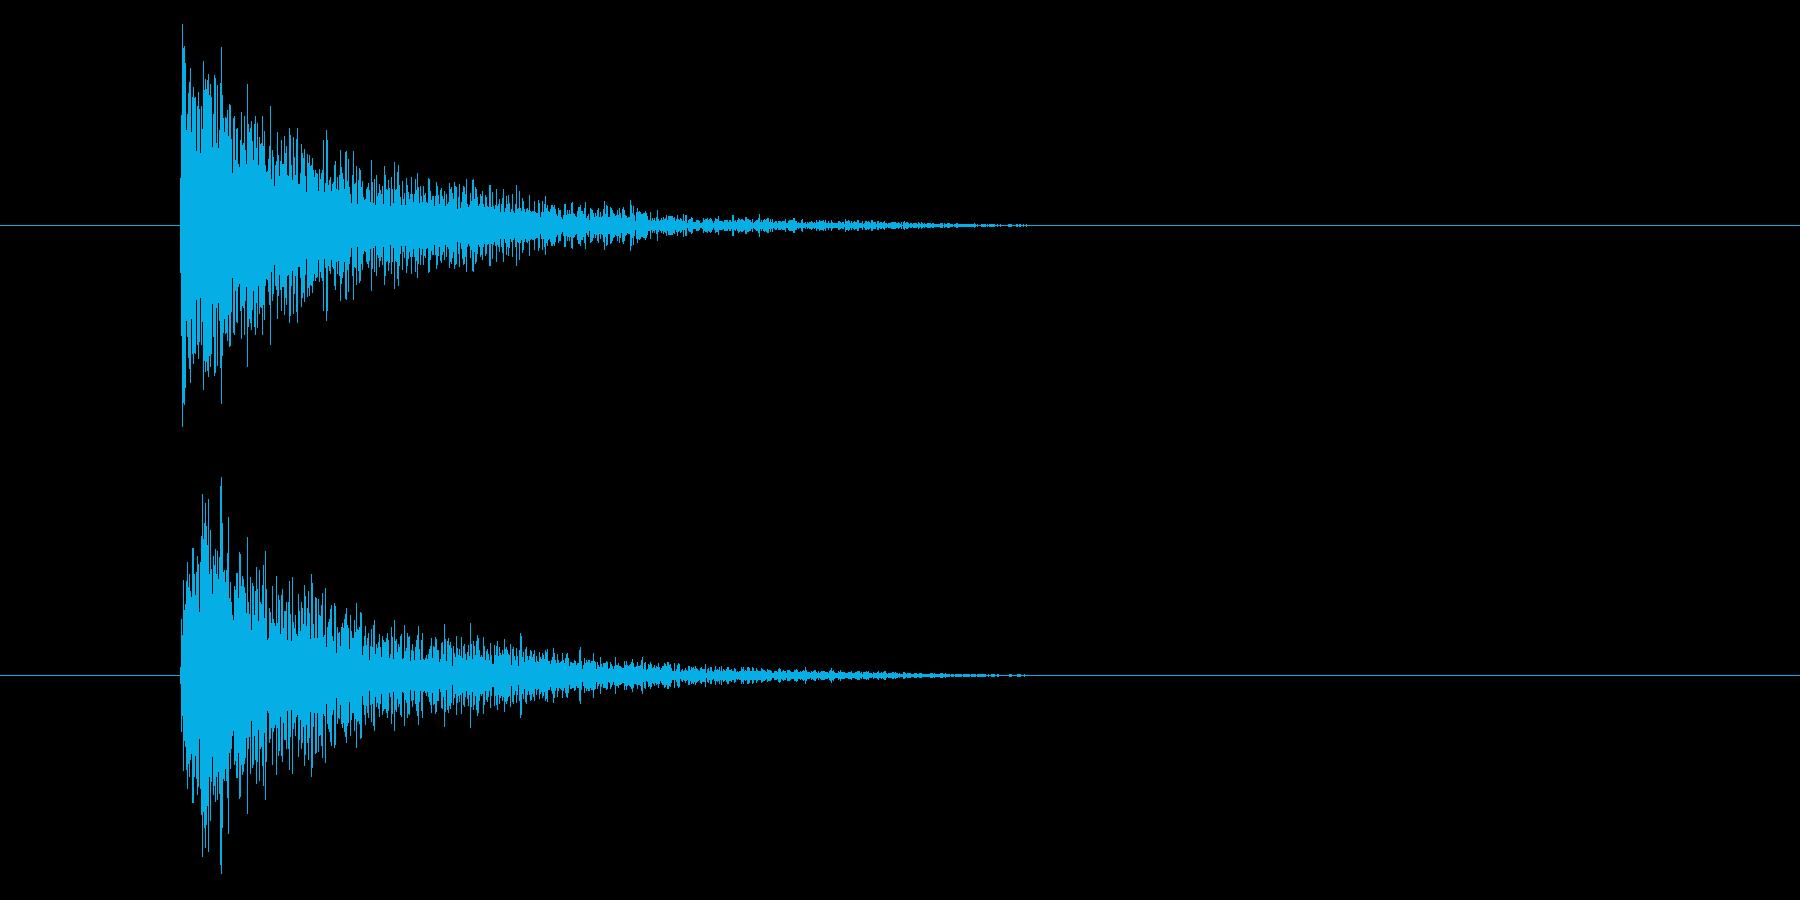 ジャン!和楽器オケヒの再生済みの波形